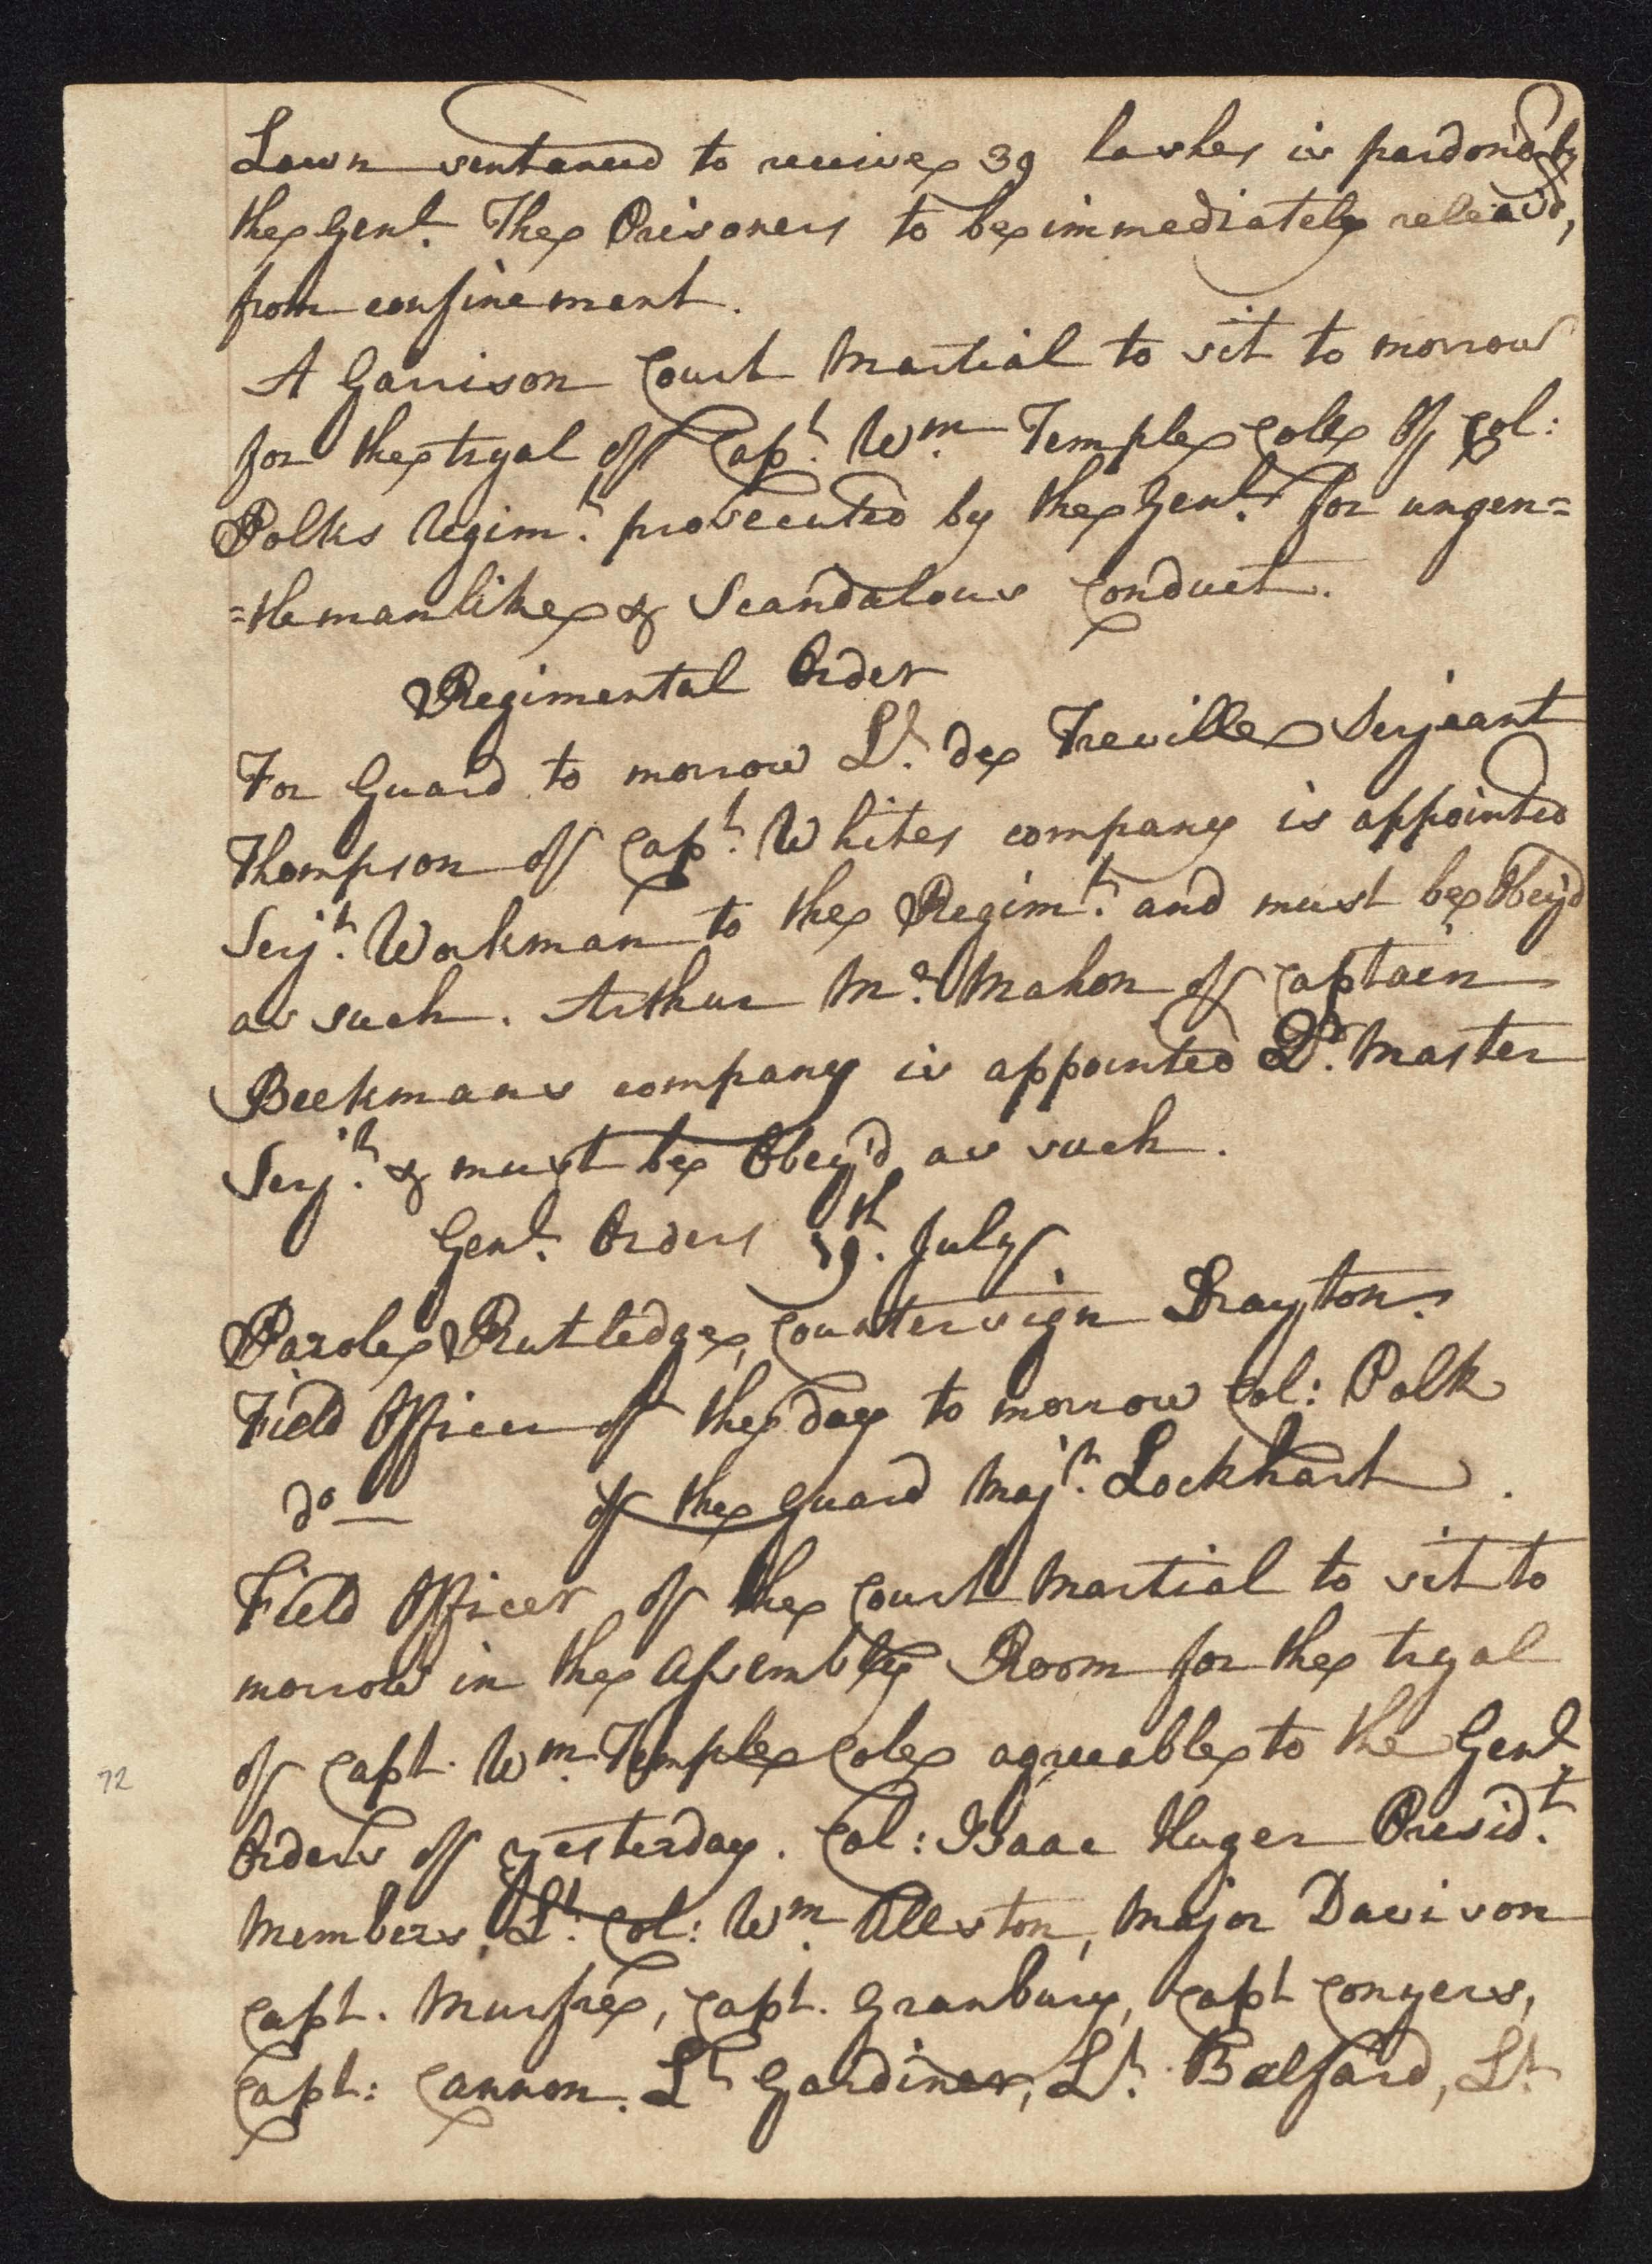 South Carolina Regiment Order Book, Page 143